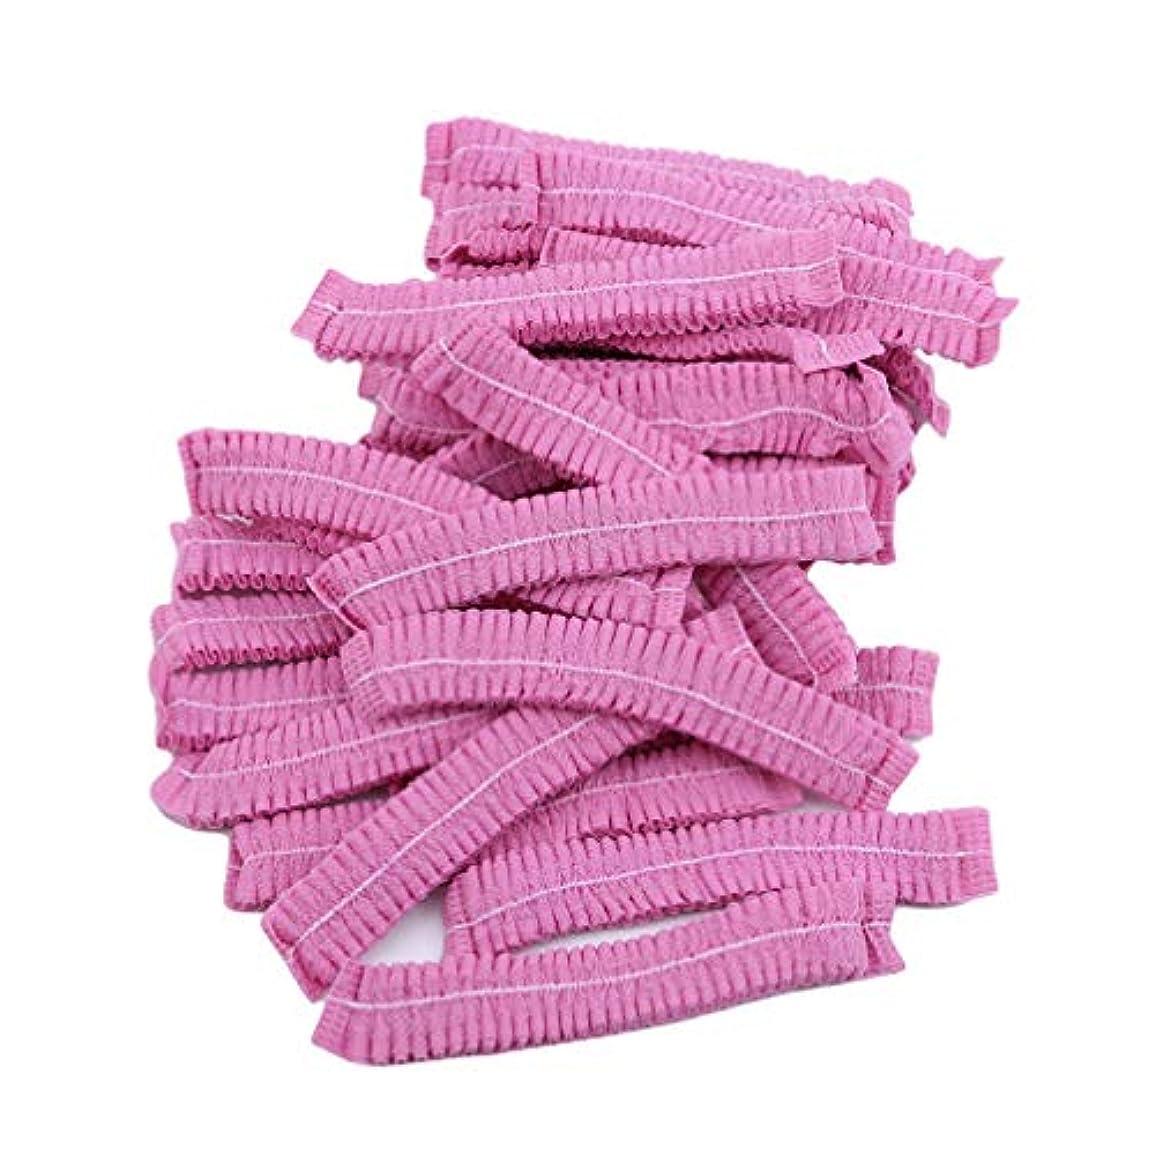 に石膏同志LJSLYJ 100ピースマイクロブレードパーマネントメイクアップ使い捨てヘアネットキャップ滅菌帽子眉毛スタイリングツールアクセサリー、ピンク